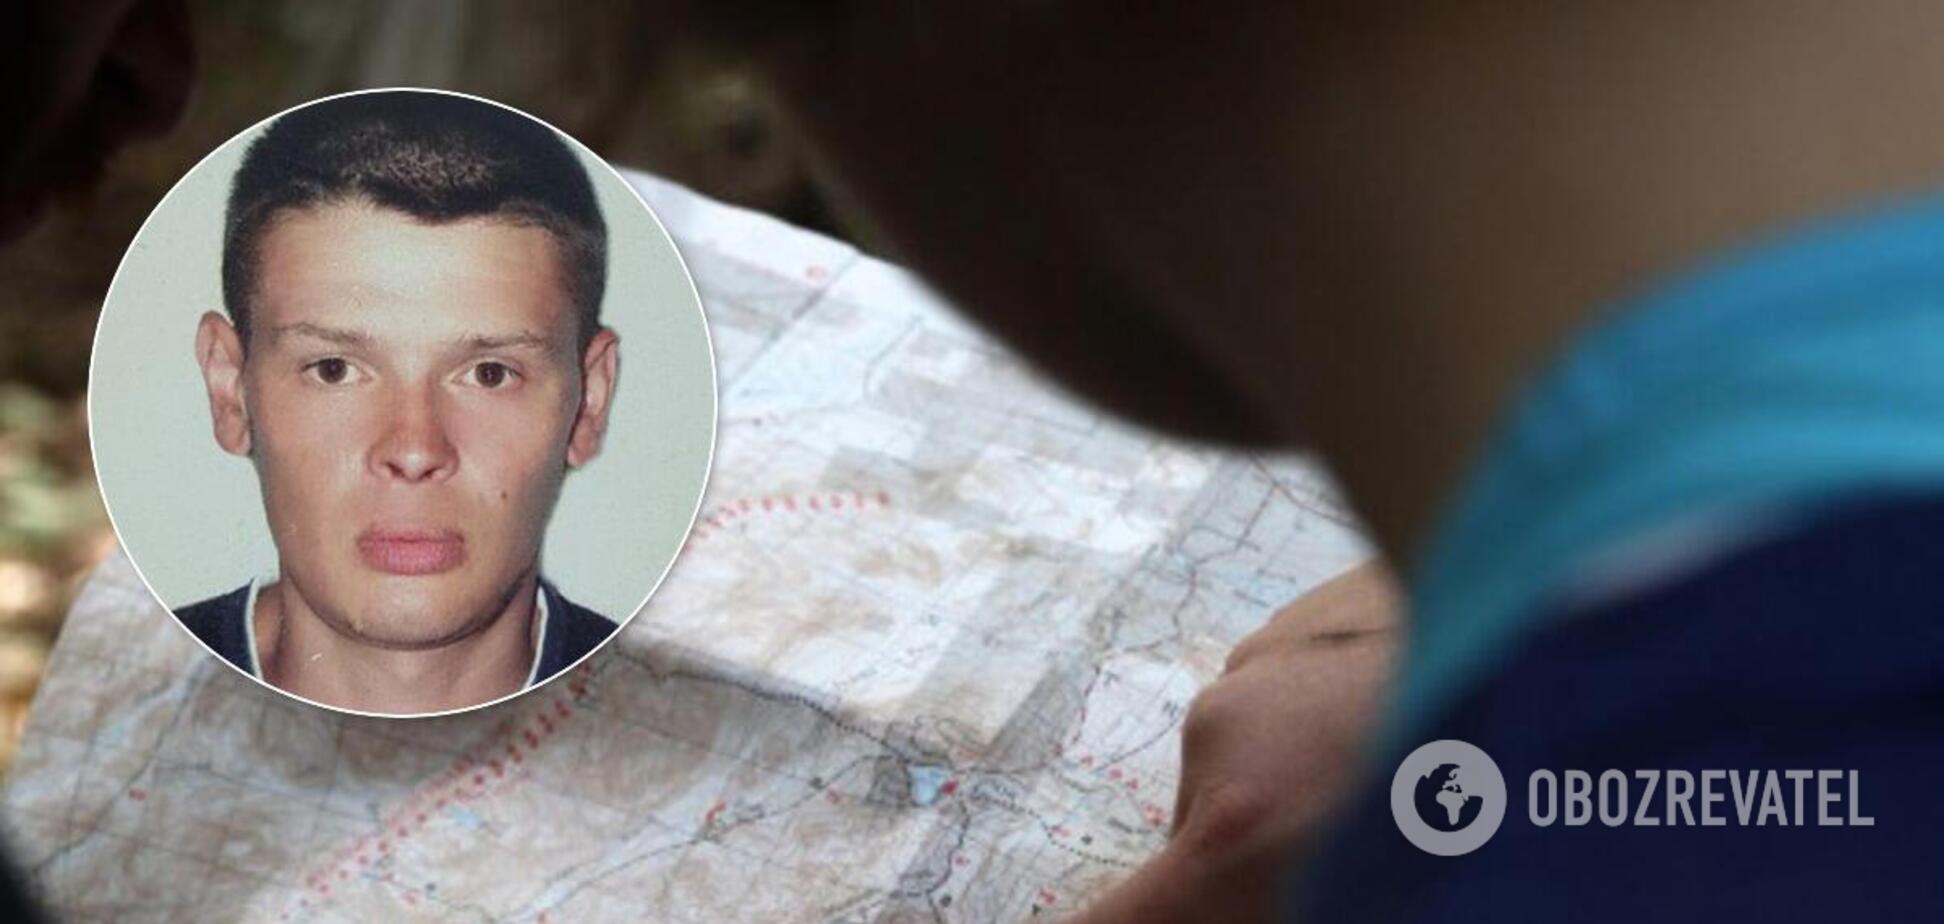 У Дніпрі розшукують зниклого місяць тому чоловіка. Фото